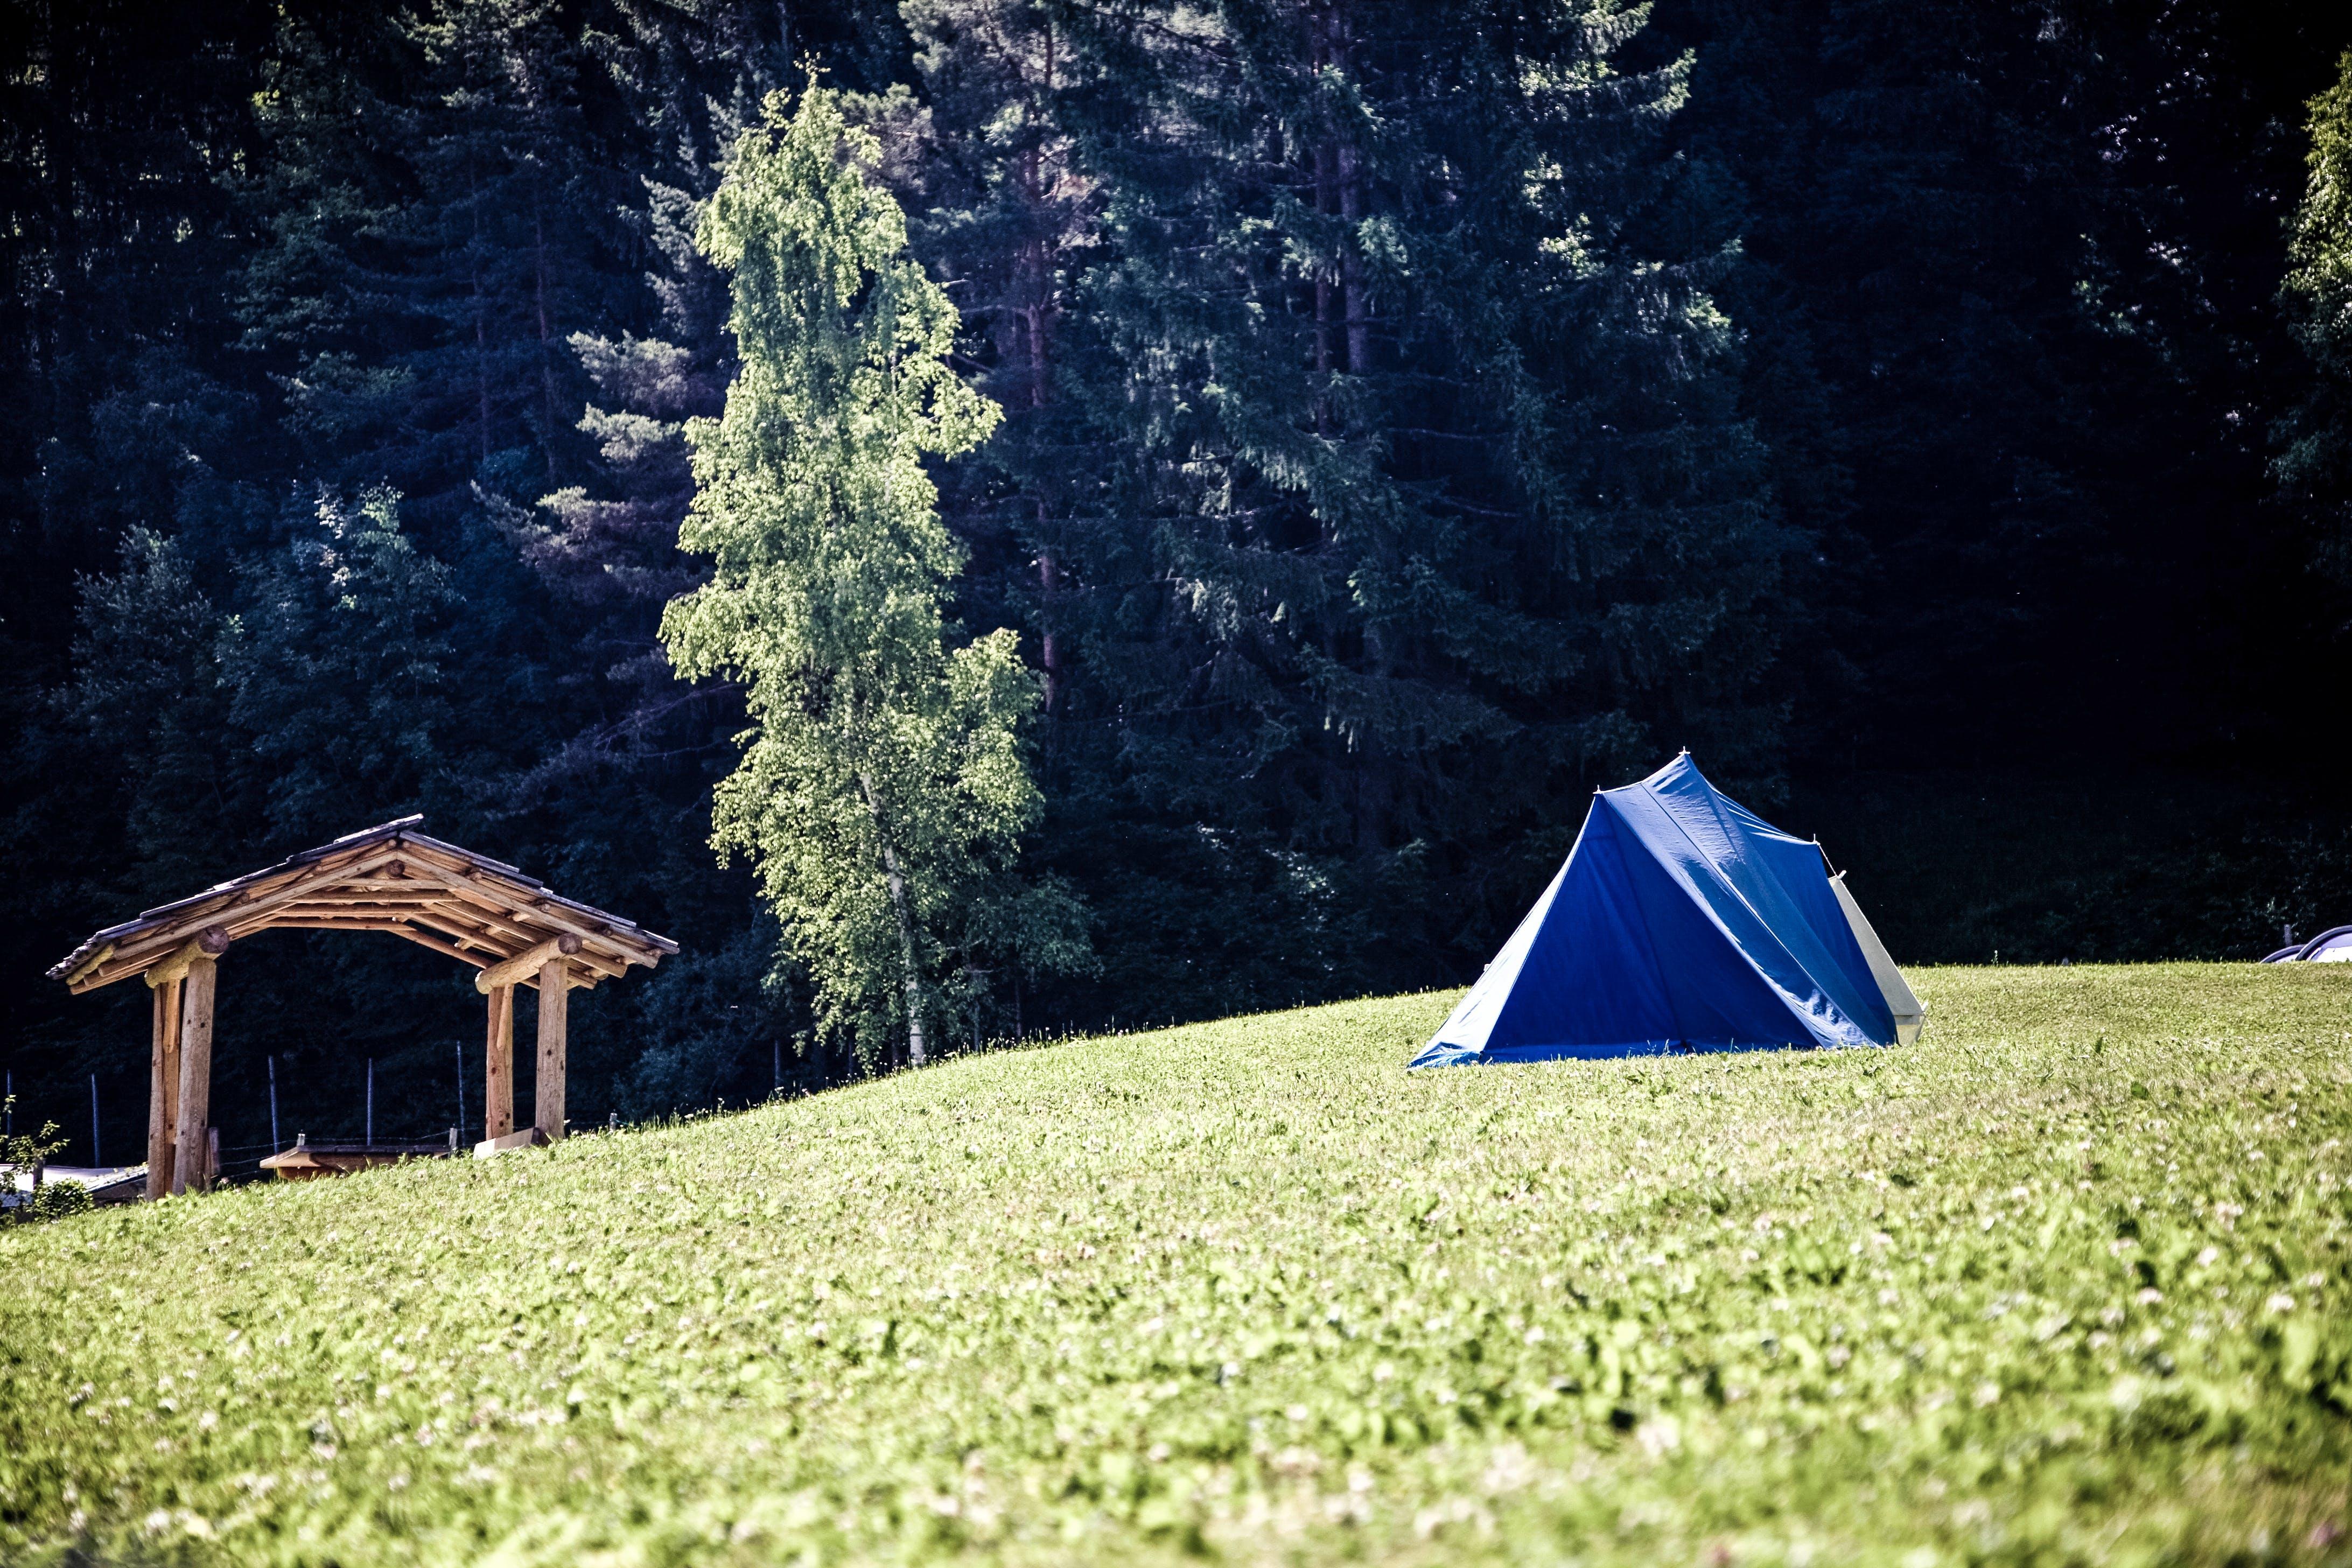 天性, 帳篷, 田, 草 的 免費圖庫相片